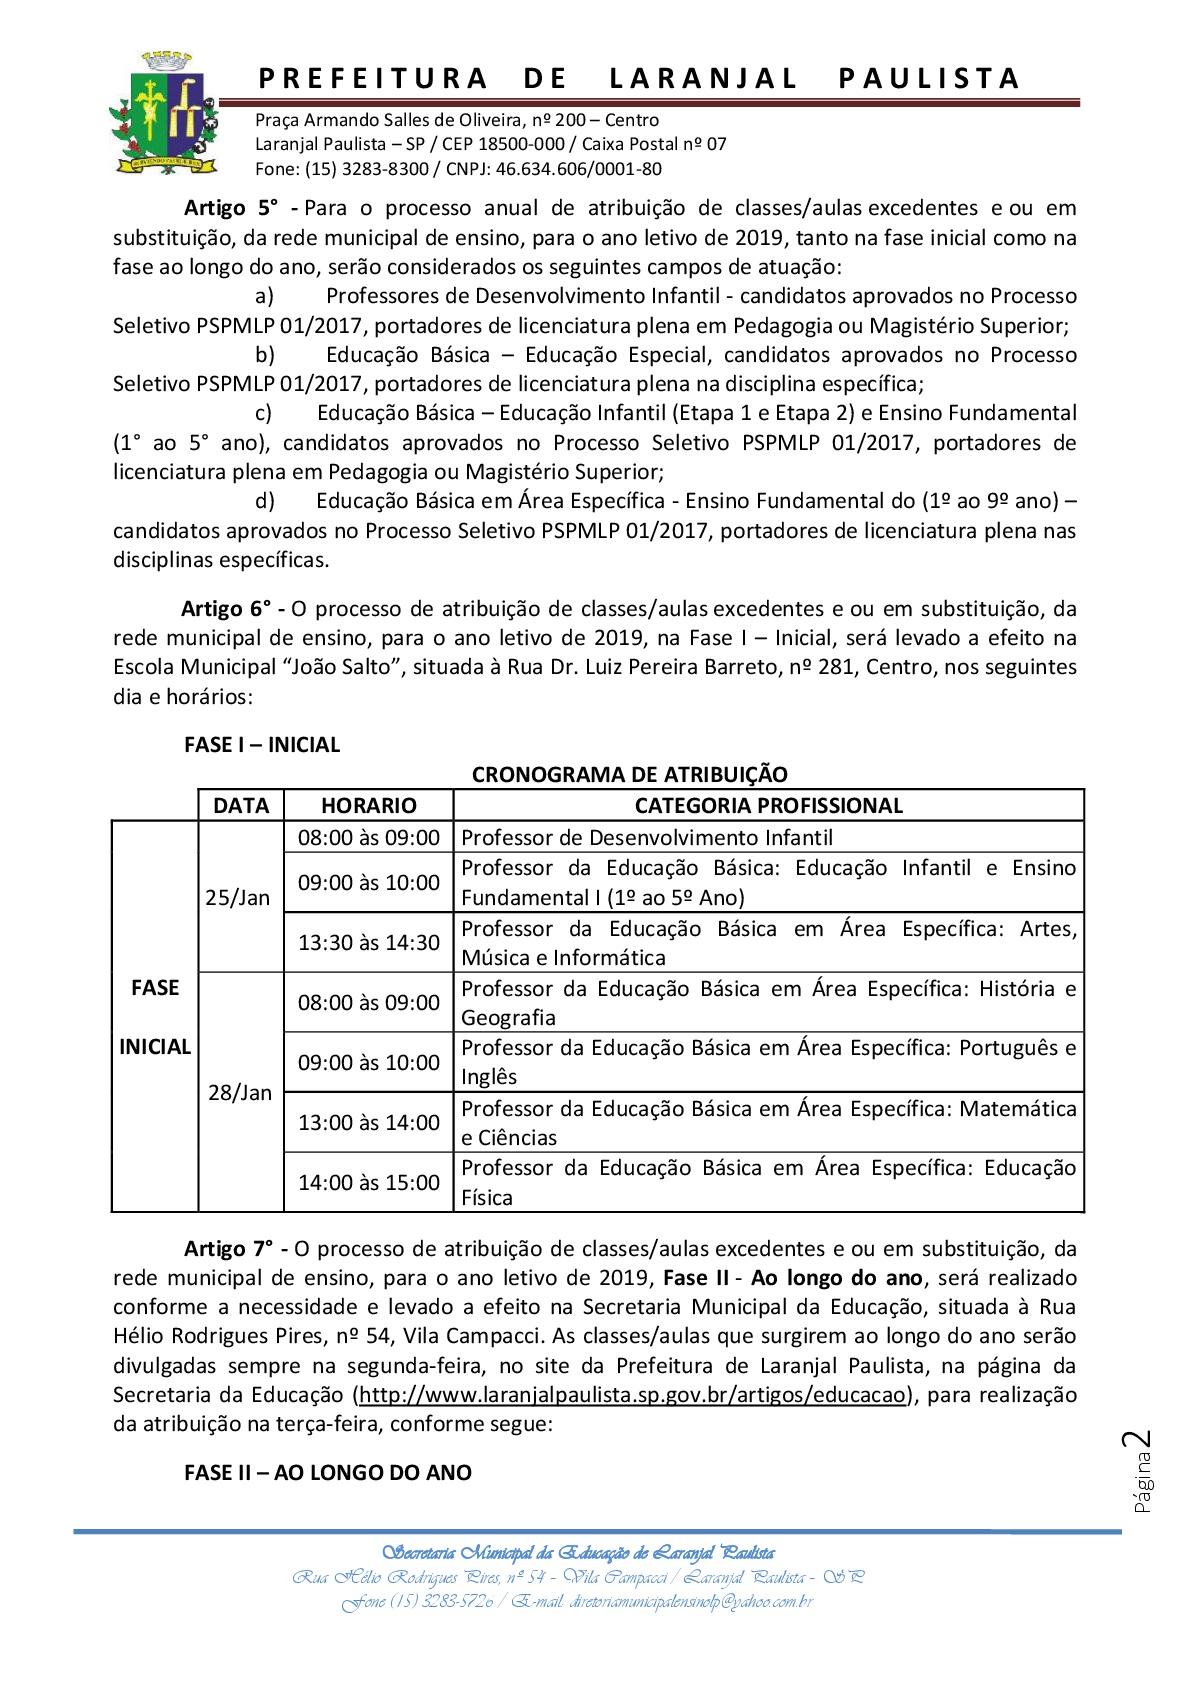 Atribuição de classes e ou aulas excedentes nº 01-2019 - Professores / Processo Seletivo / Instruções Normativas